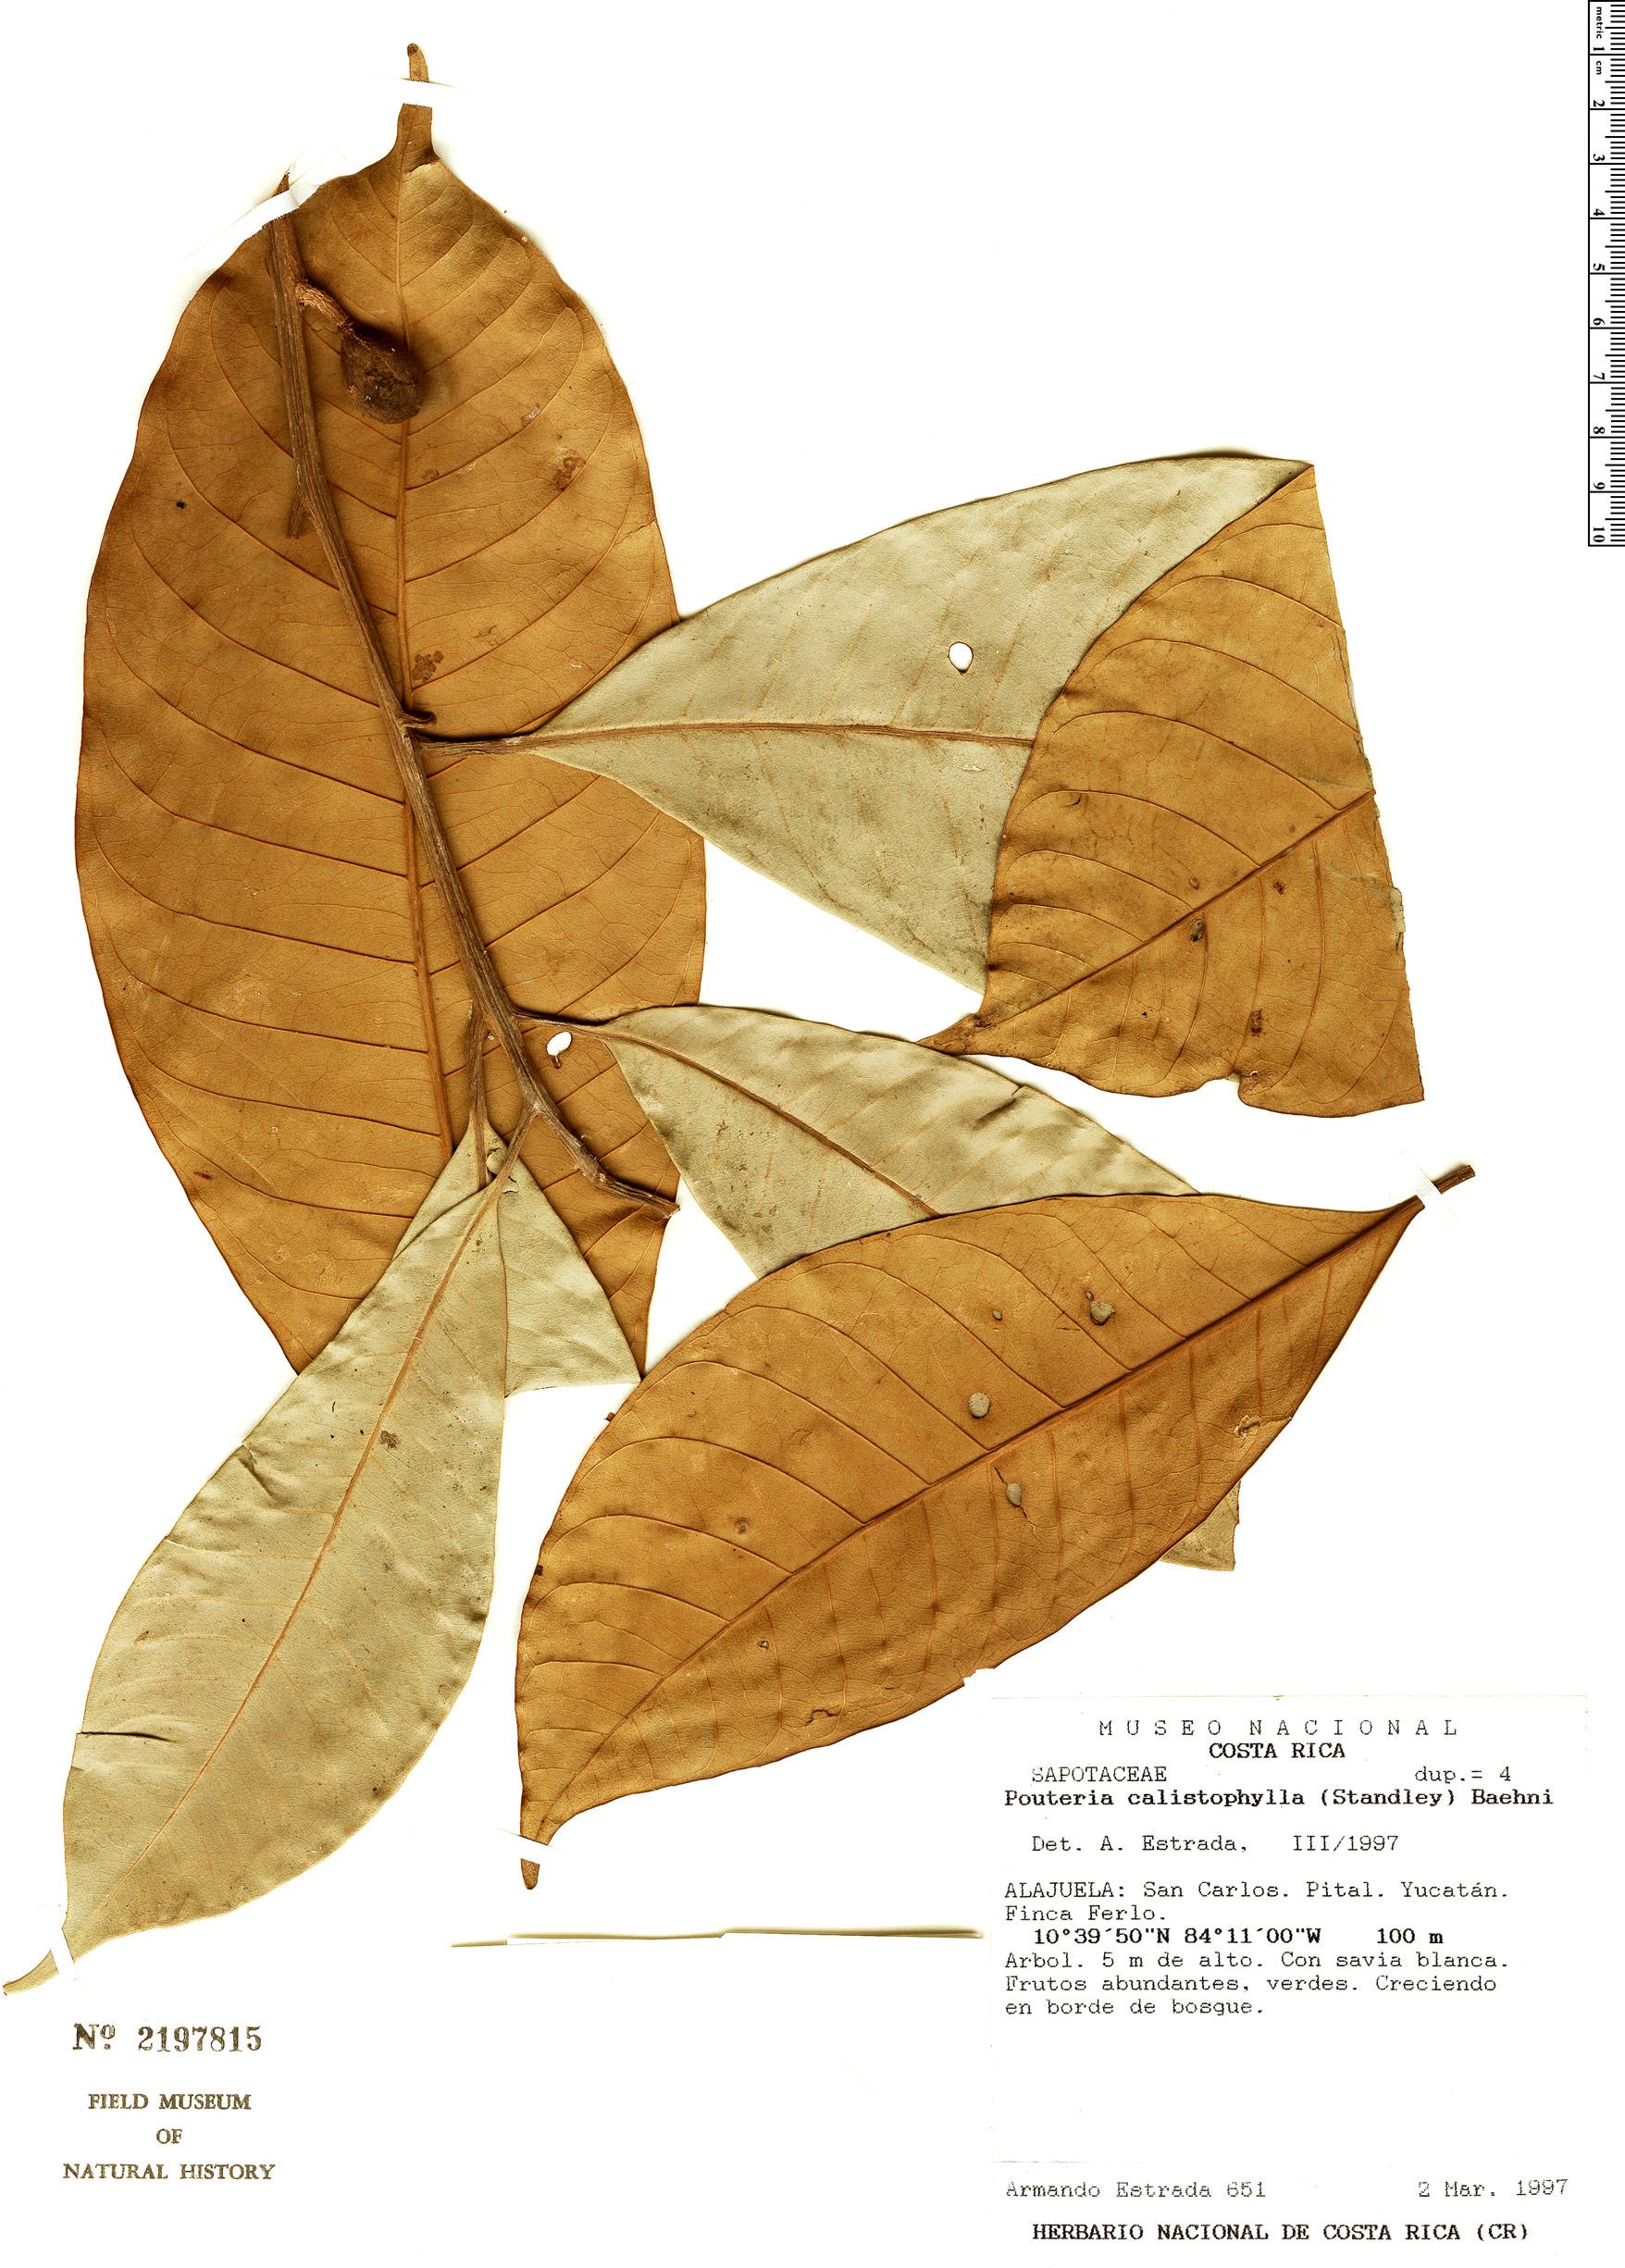 Espécimen: Pouteria calistophylla